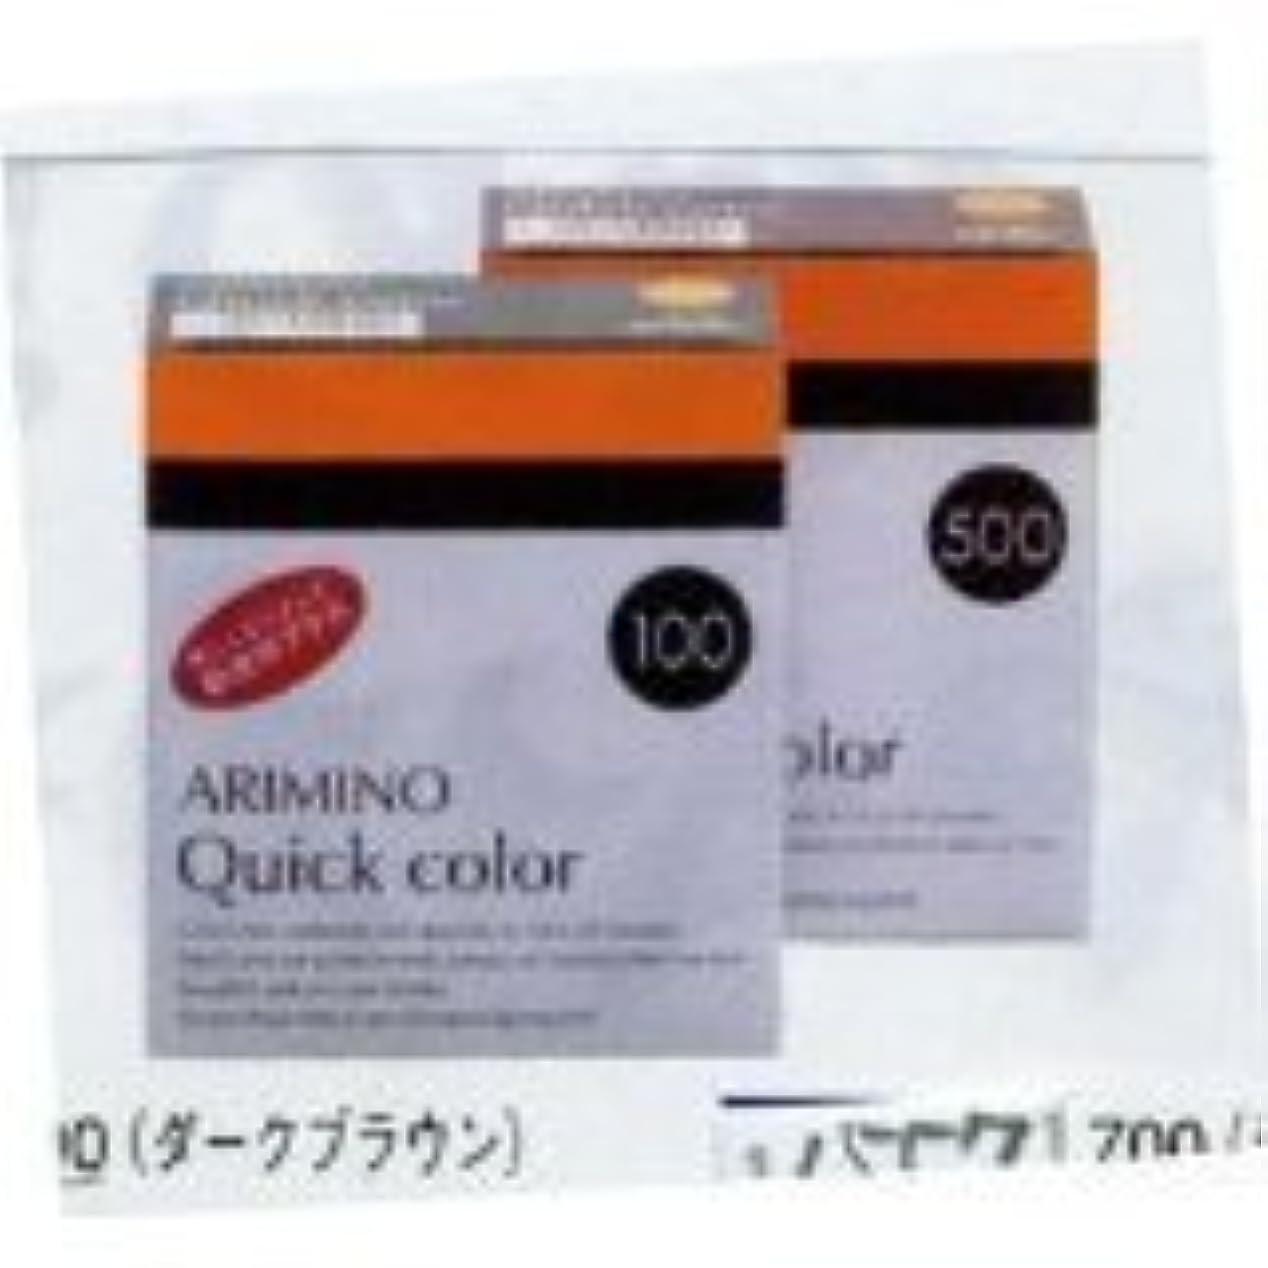 非効率的な保護するキャメルアリミノクイックカラー(300 アーバン)